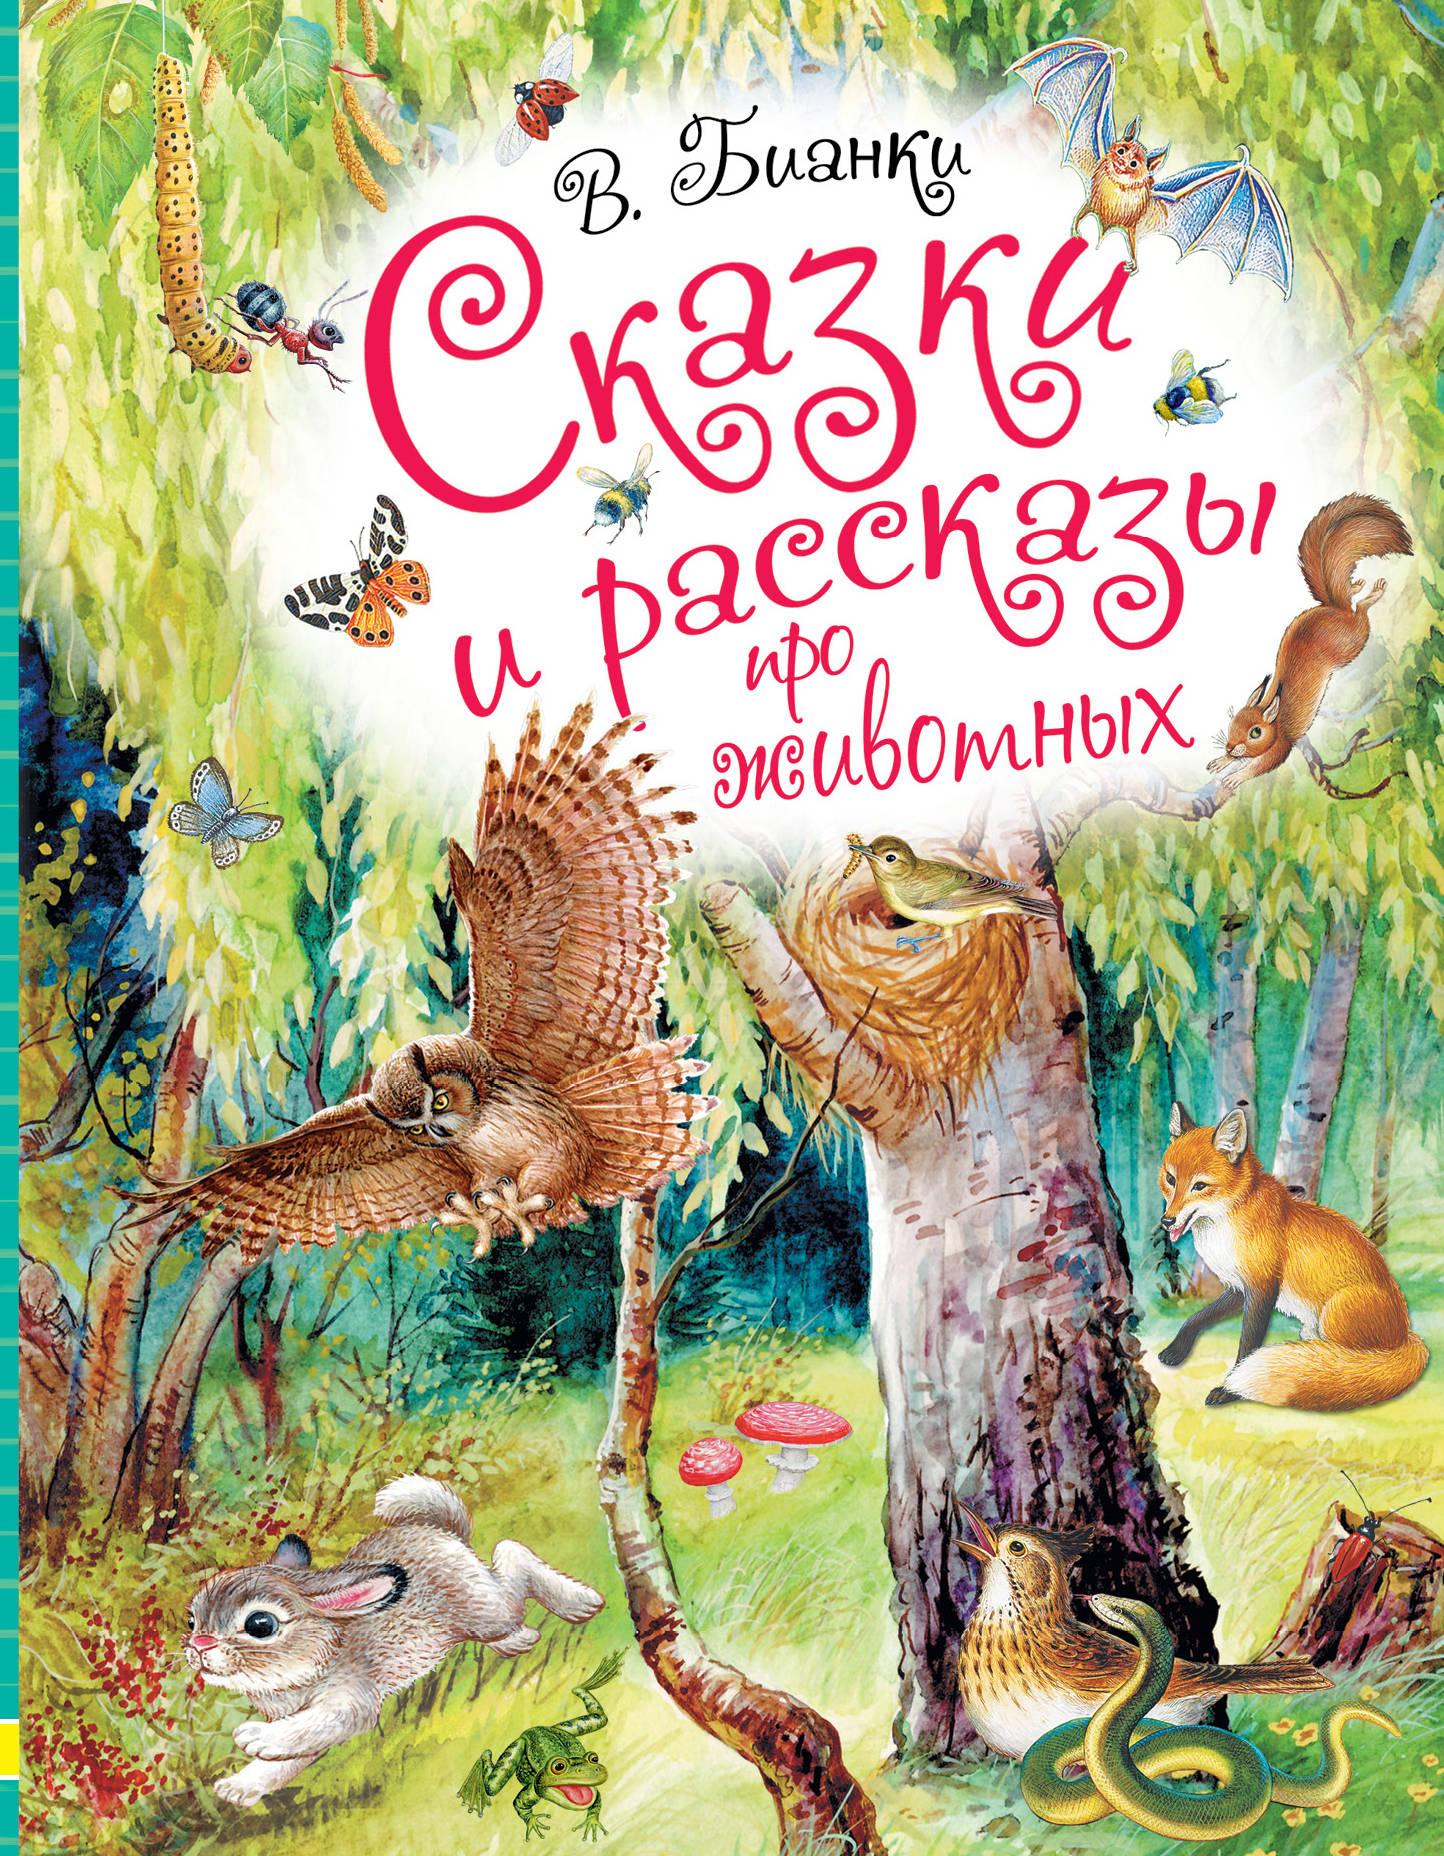 Бианки В.В. Сказки и рассказы про животных художественные книги детиздат рассказы и сказки хитрый лис и умная уточка в бианки